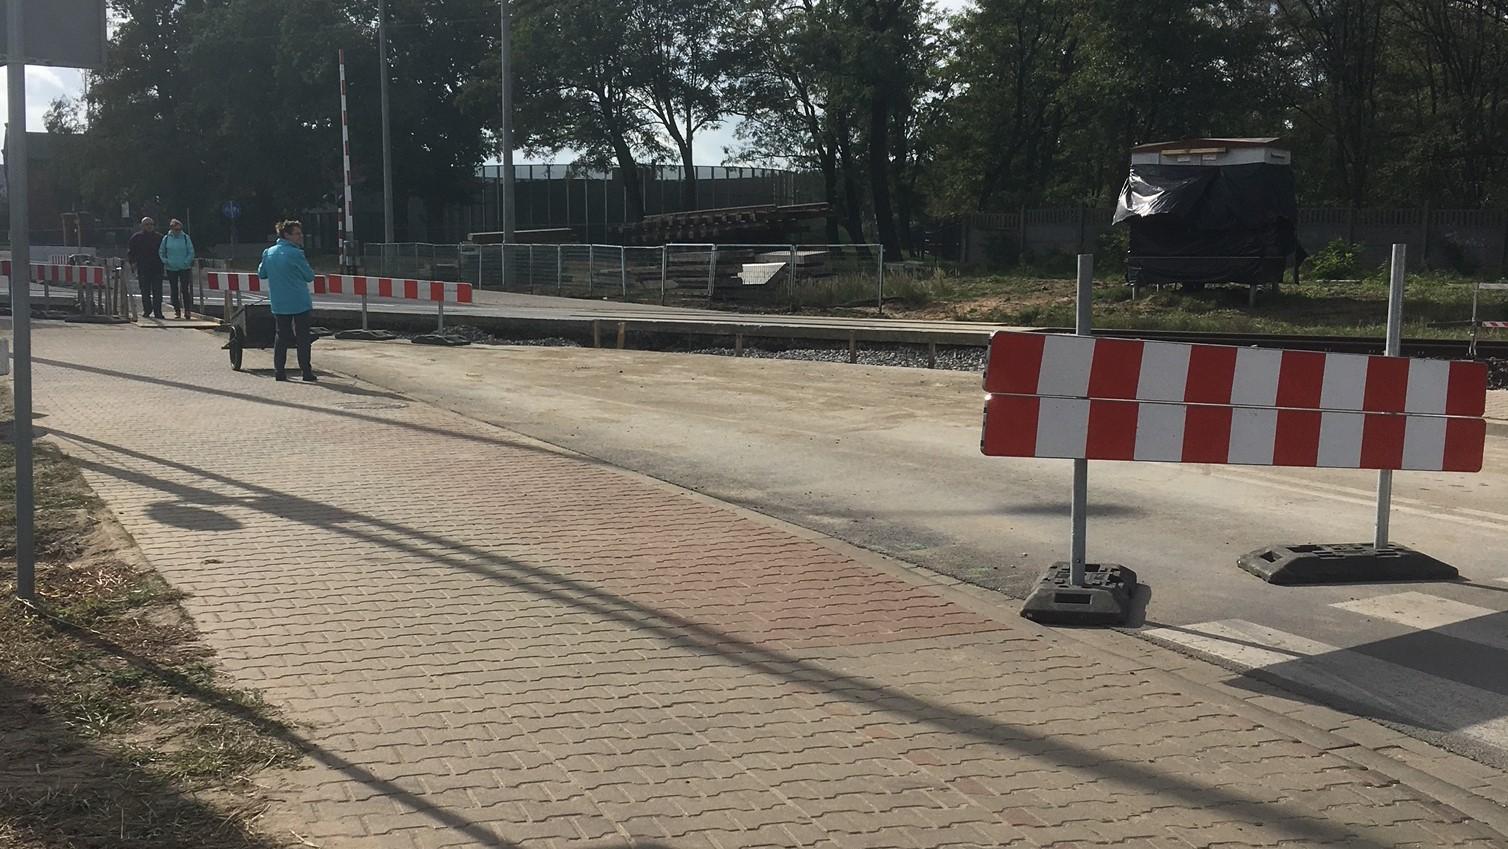 przejazd kolejowy leszno astaldi - Jacek Marciniak